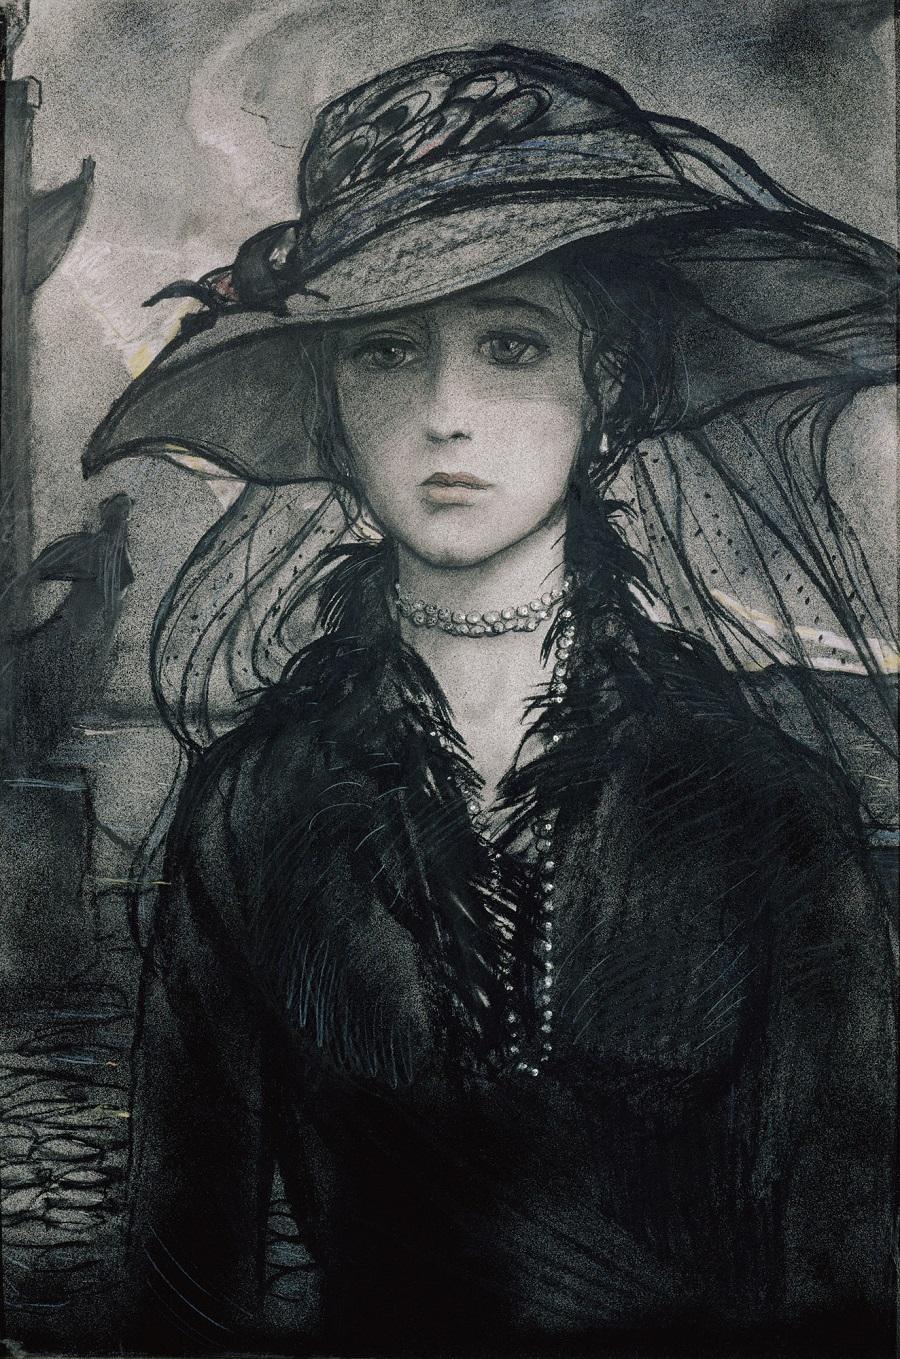 Иллюстрация к стихотворению А.А. Блока Незнакомка.